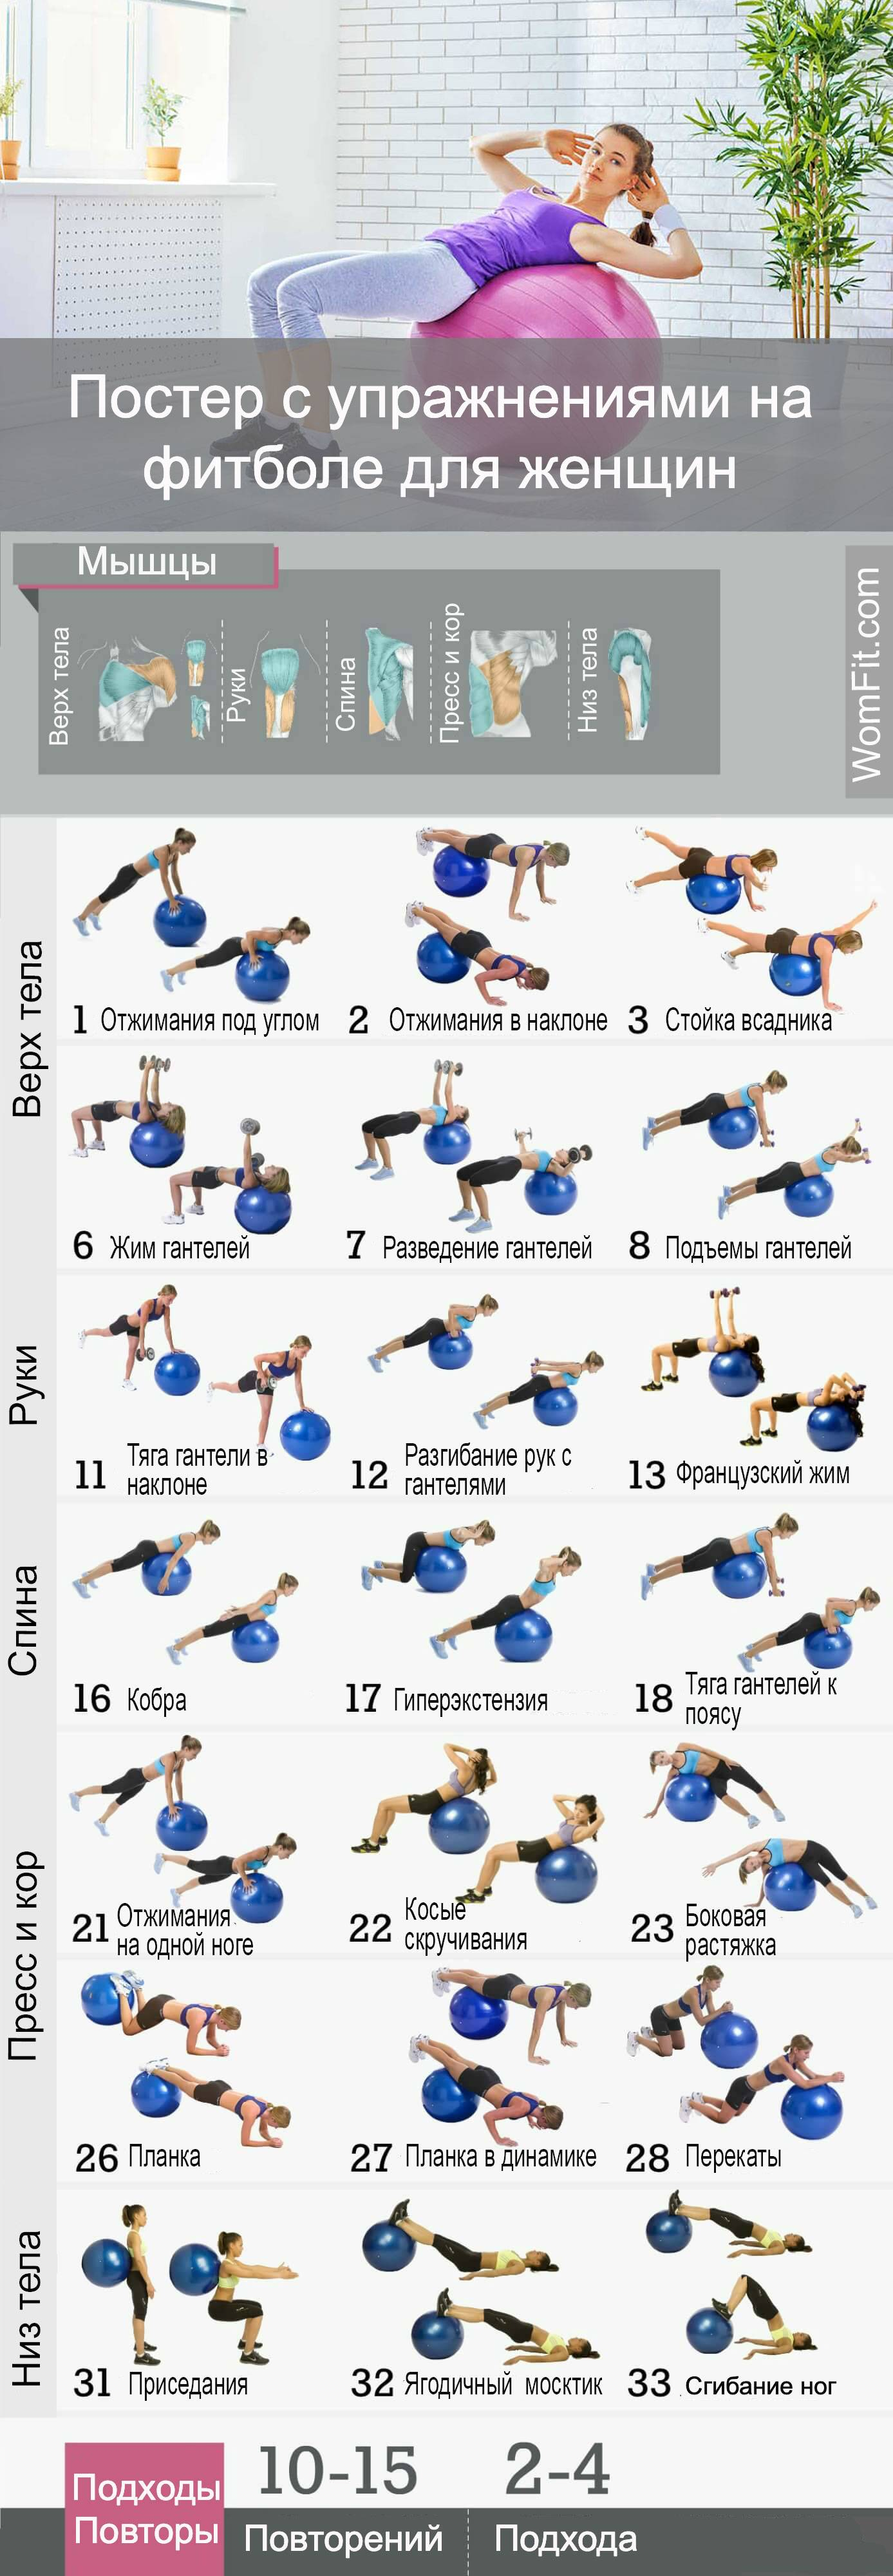 13 упражнений с фитболом на баланс для тренировки всего тела